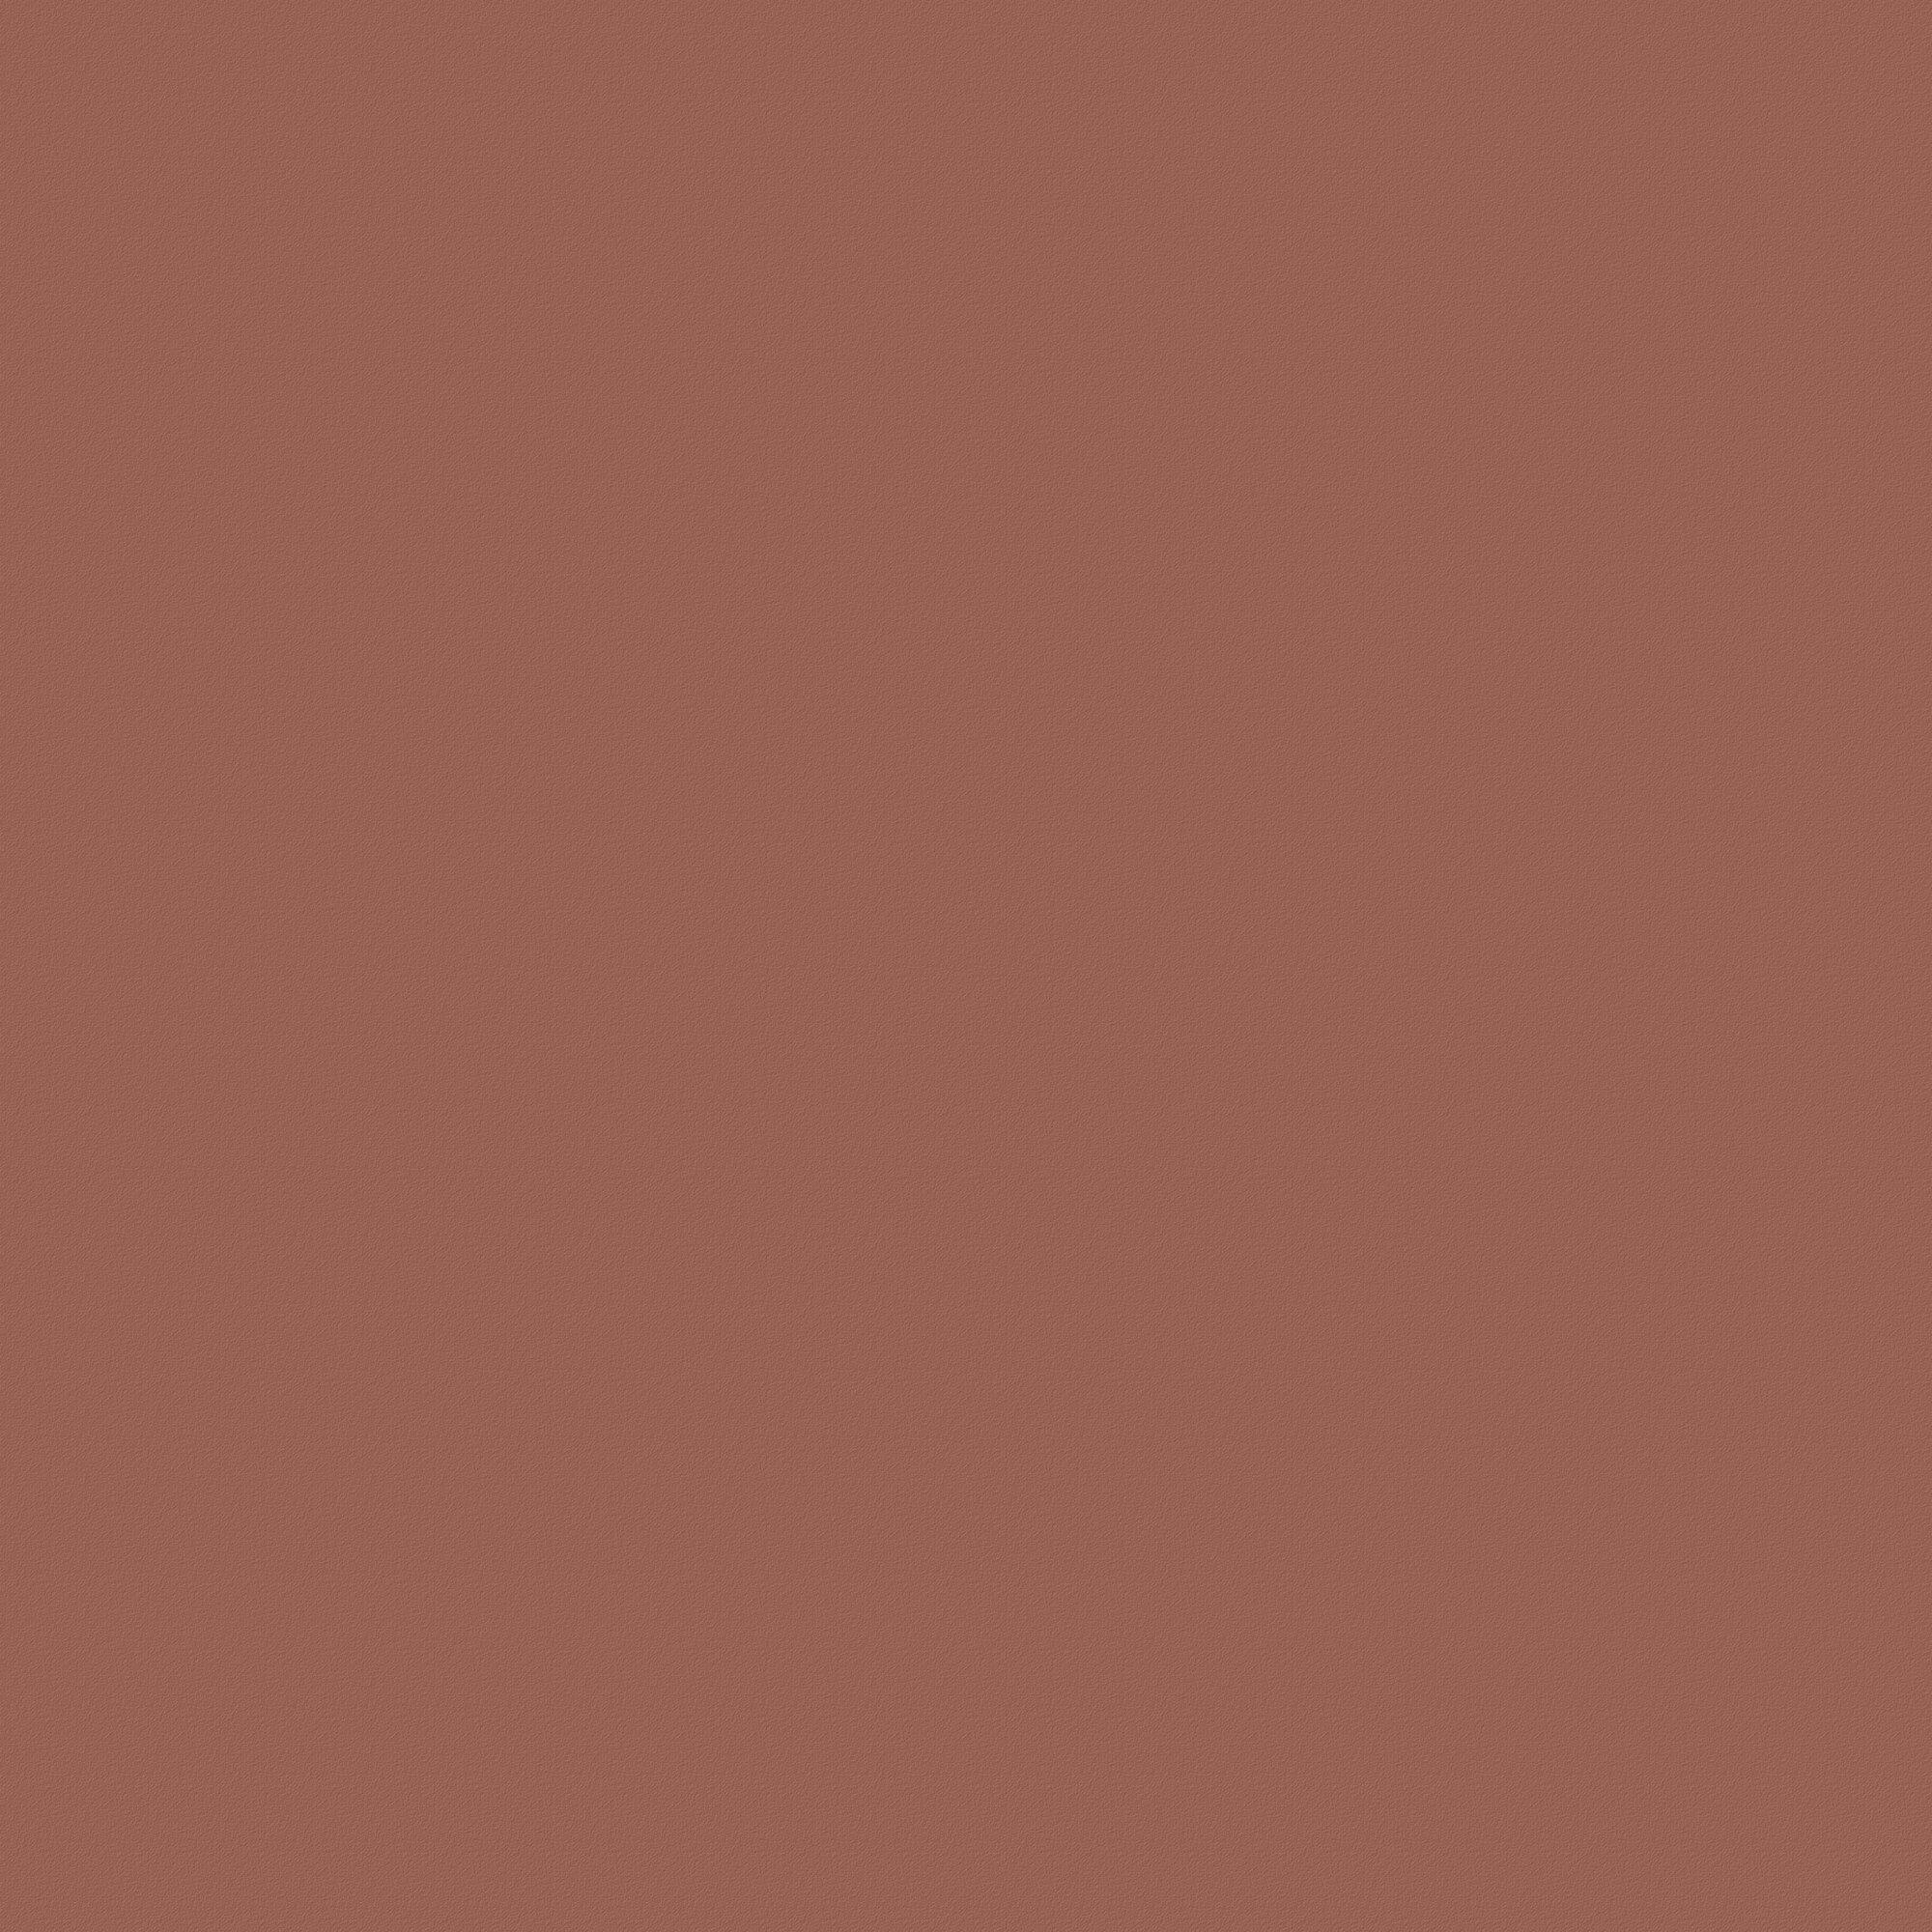 U4436 VL Terracotta Red